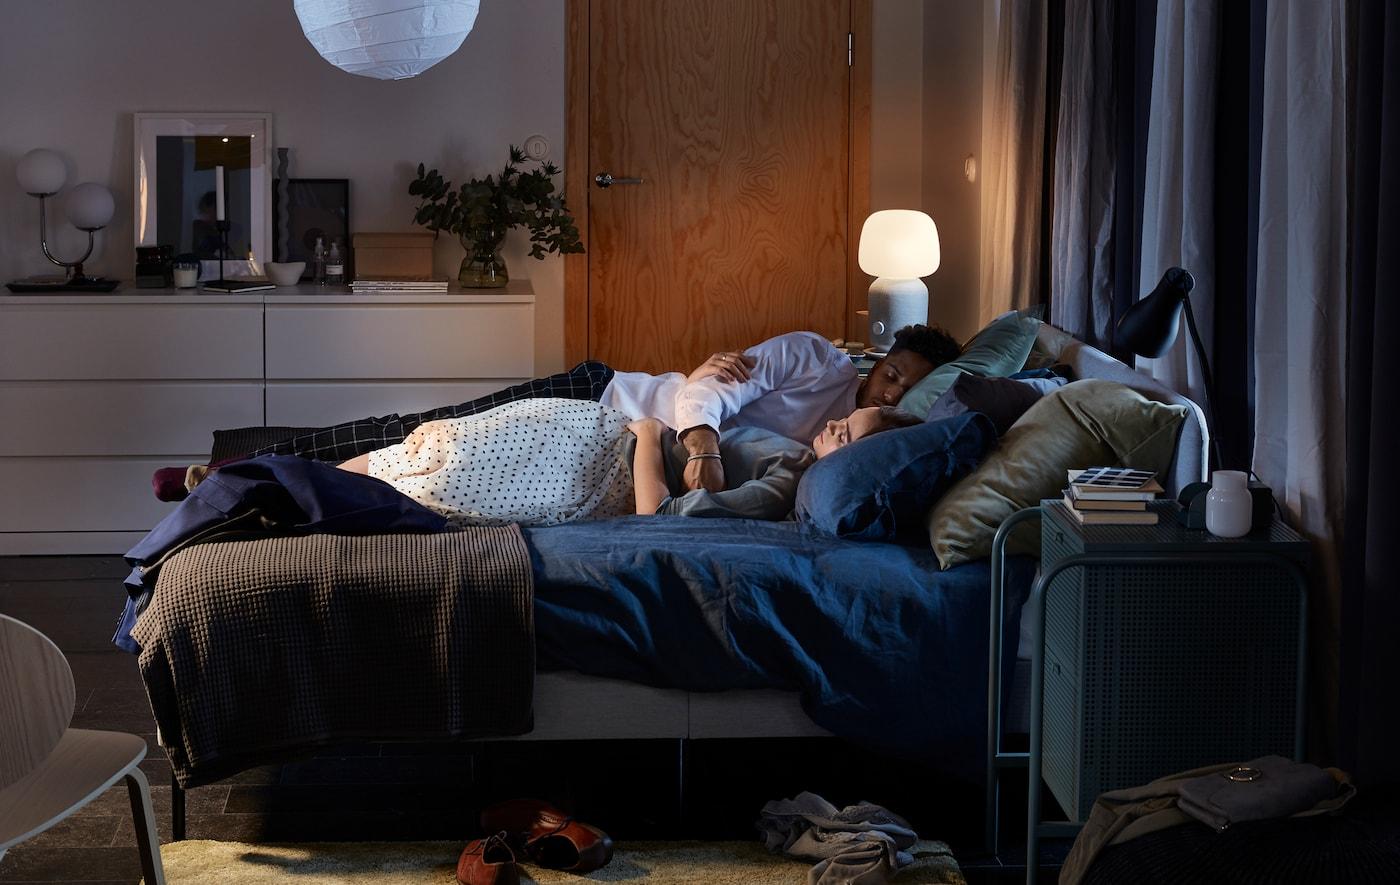 زوجان نائمان في سرير منجدSLATTUM، مع سماعة/مصباحSYMFONISK مضاء في الخلفية.